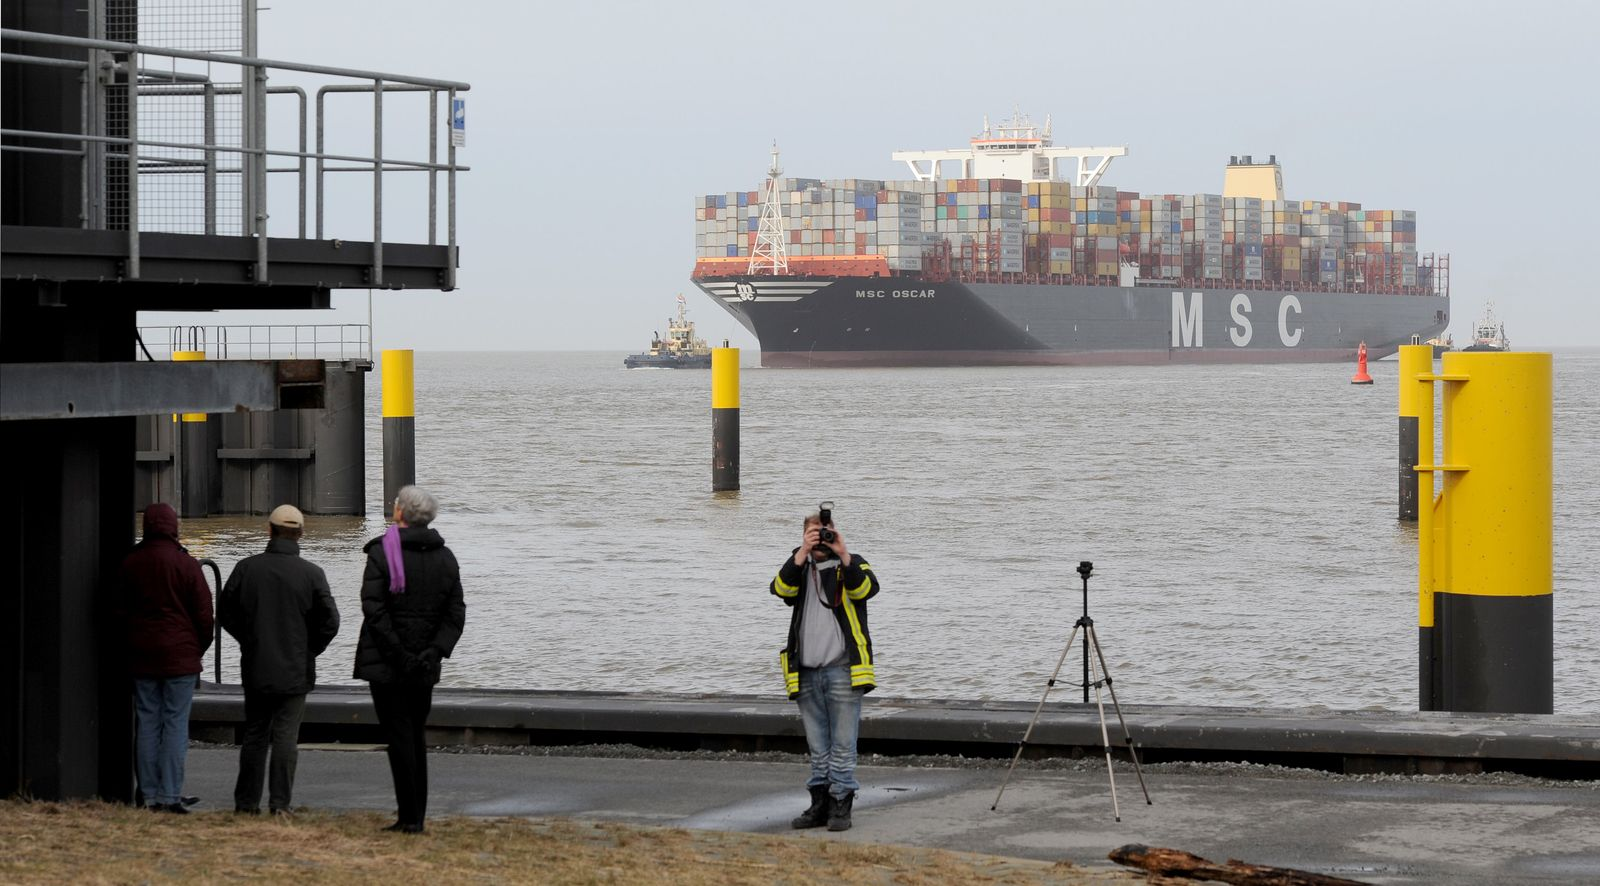 MSC Oscar / Bremerhaven